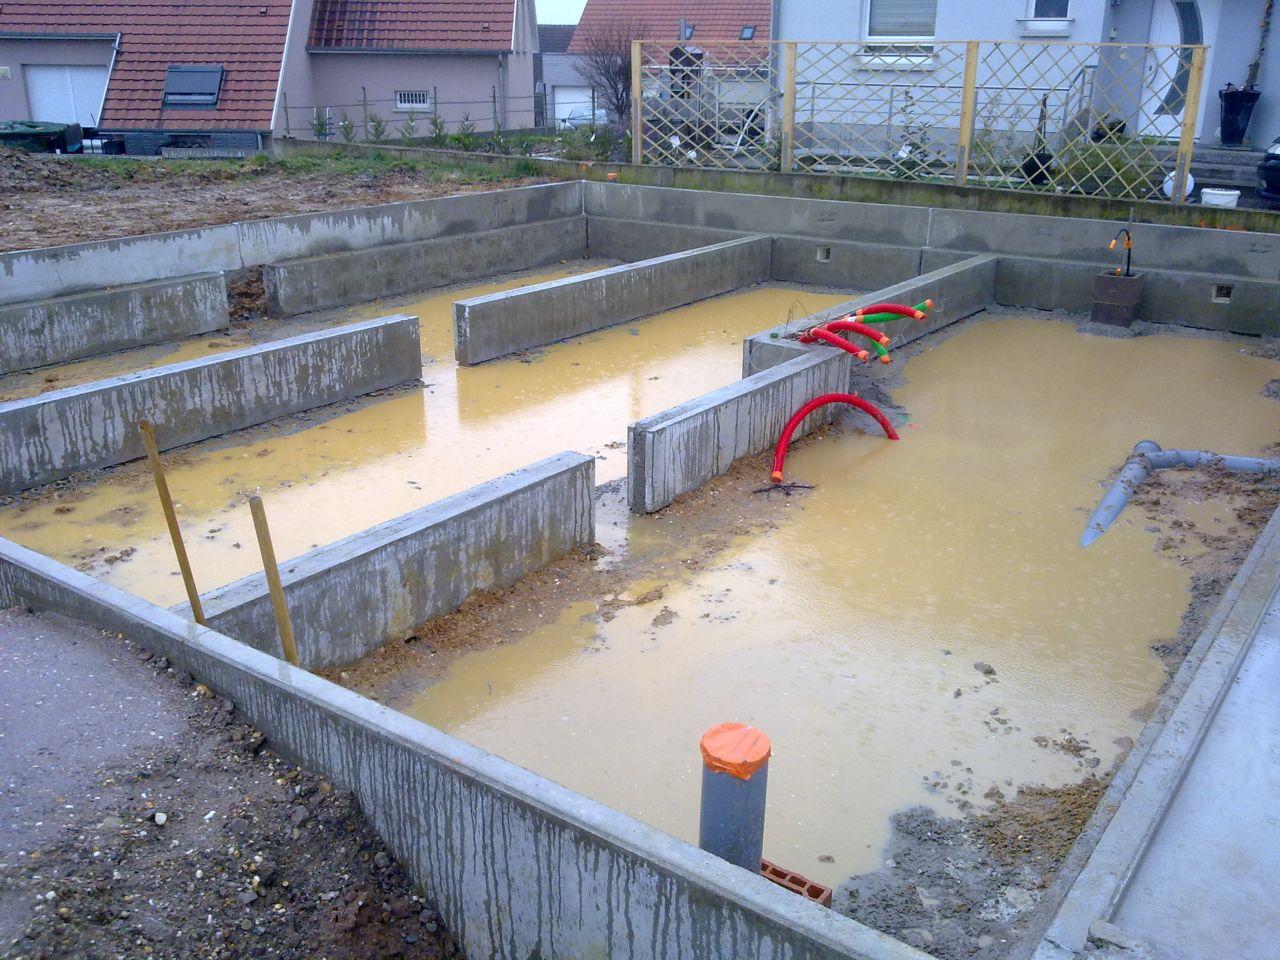 Mise en place du vide sanitaire ; la maison reposera sur des longrines, et non un radier, afin de minimiser les ponts thermiques au sol, les 40 cm d'isolation du plancher faisant le reste.